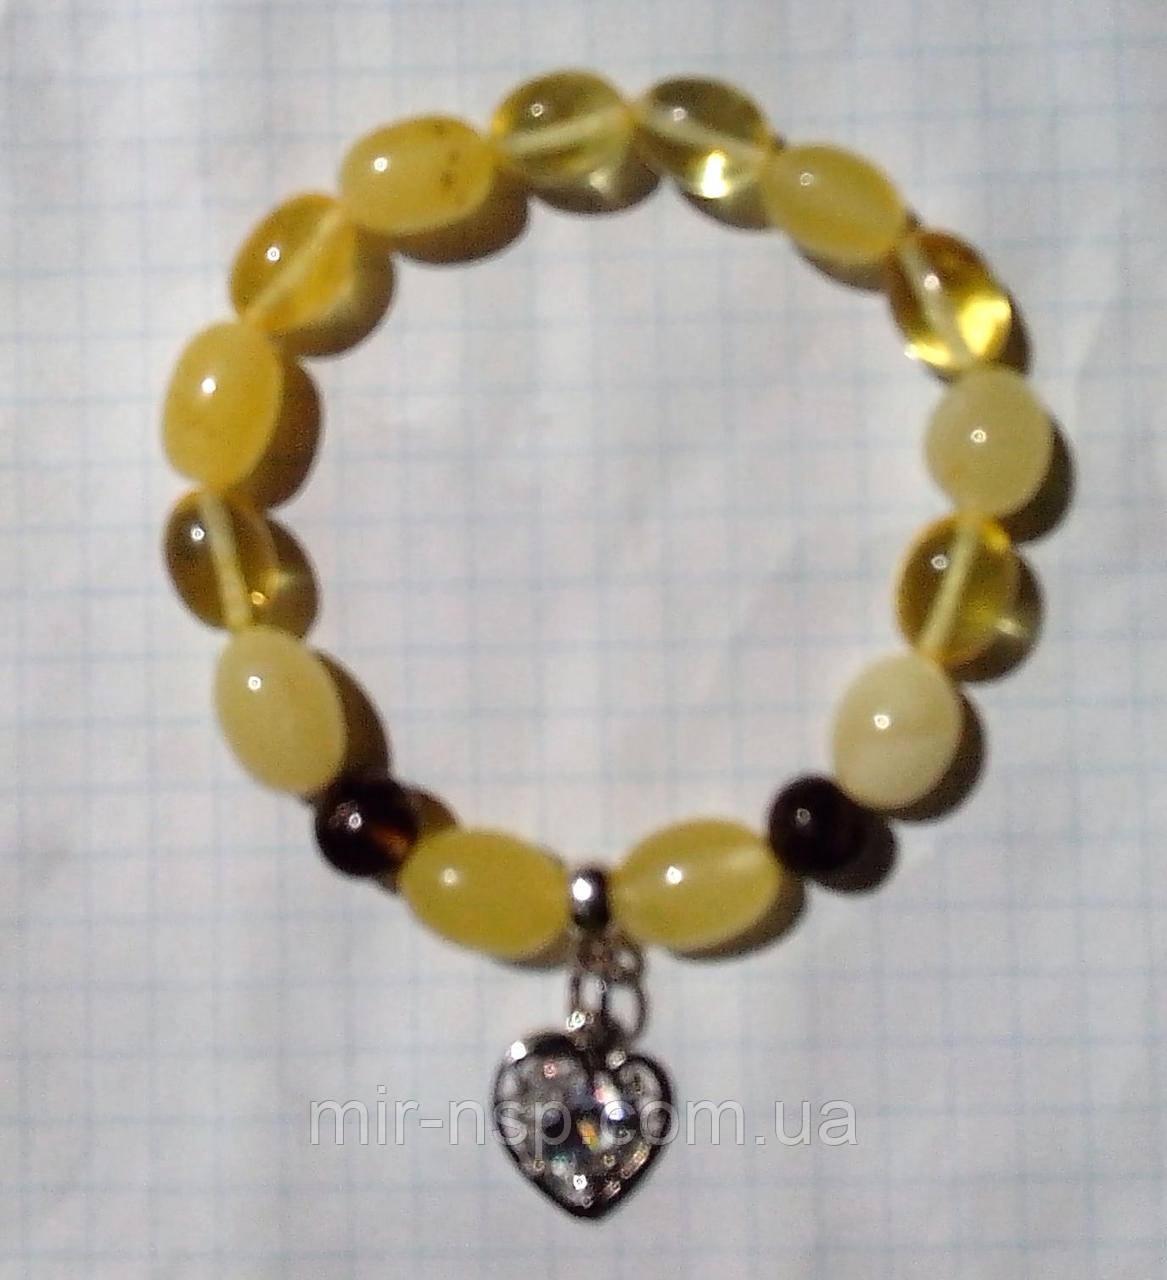 Браслет натуральный янтарь пейзажный олива 12*8 мм вес 11г